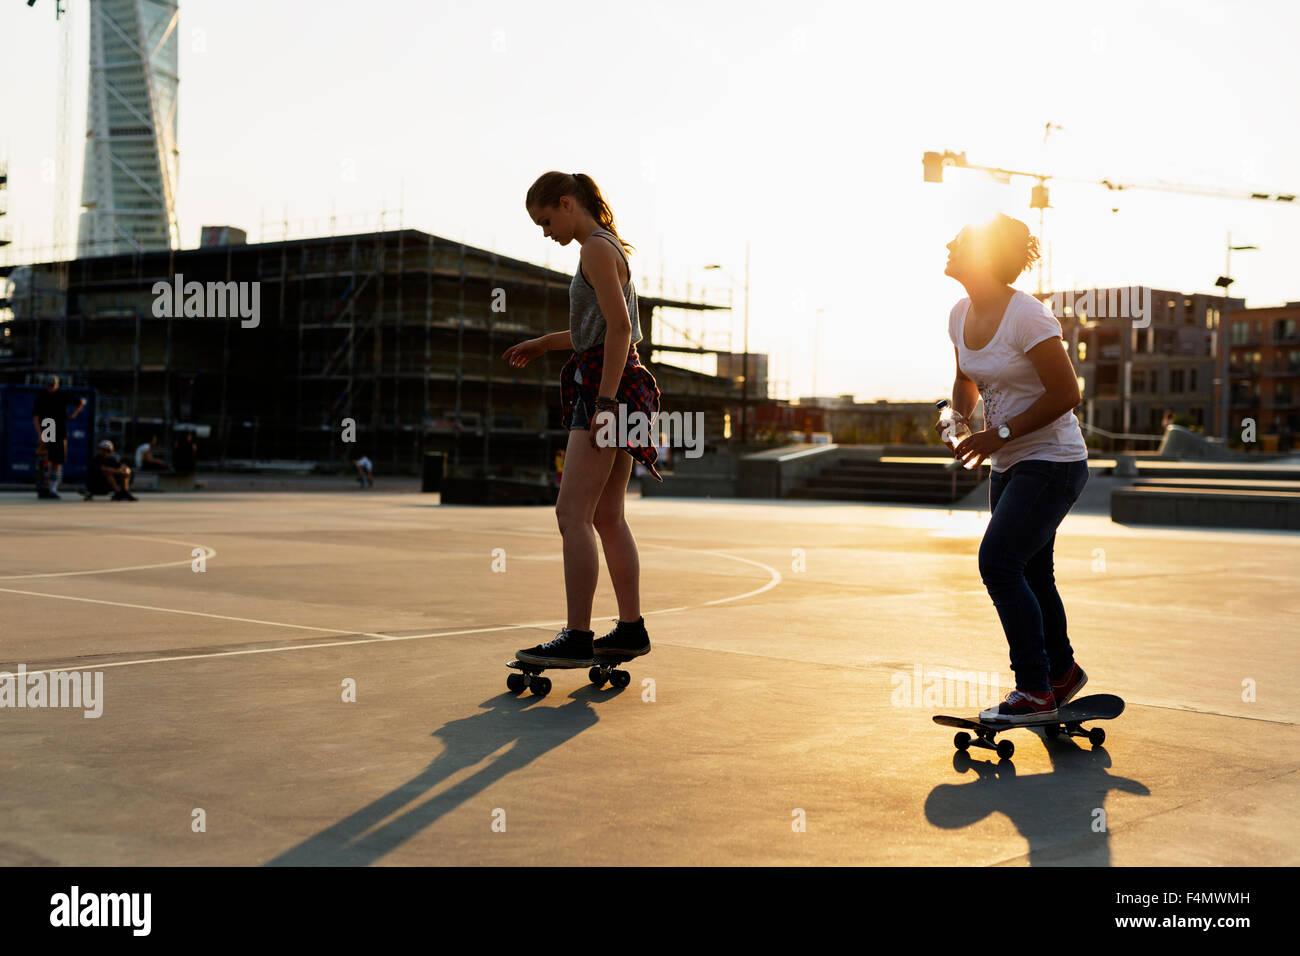 Voller Länge Teenager Freunde Skateboarden im Skatepark Stockbild